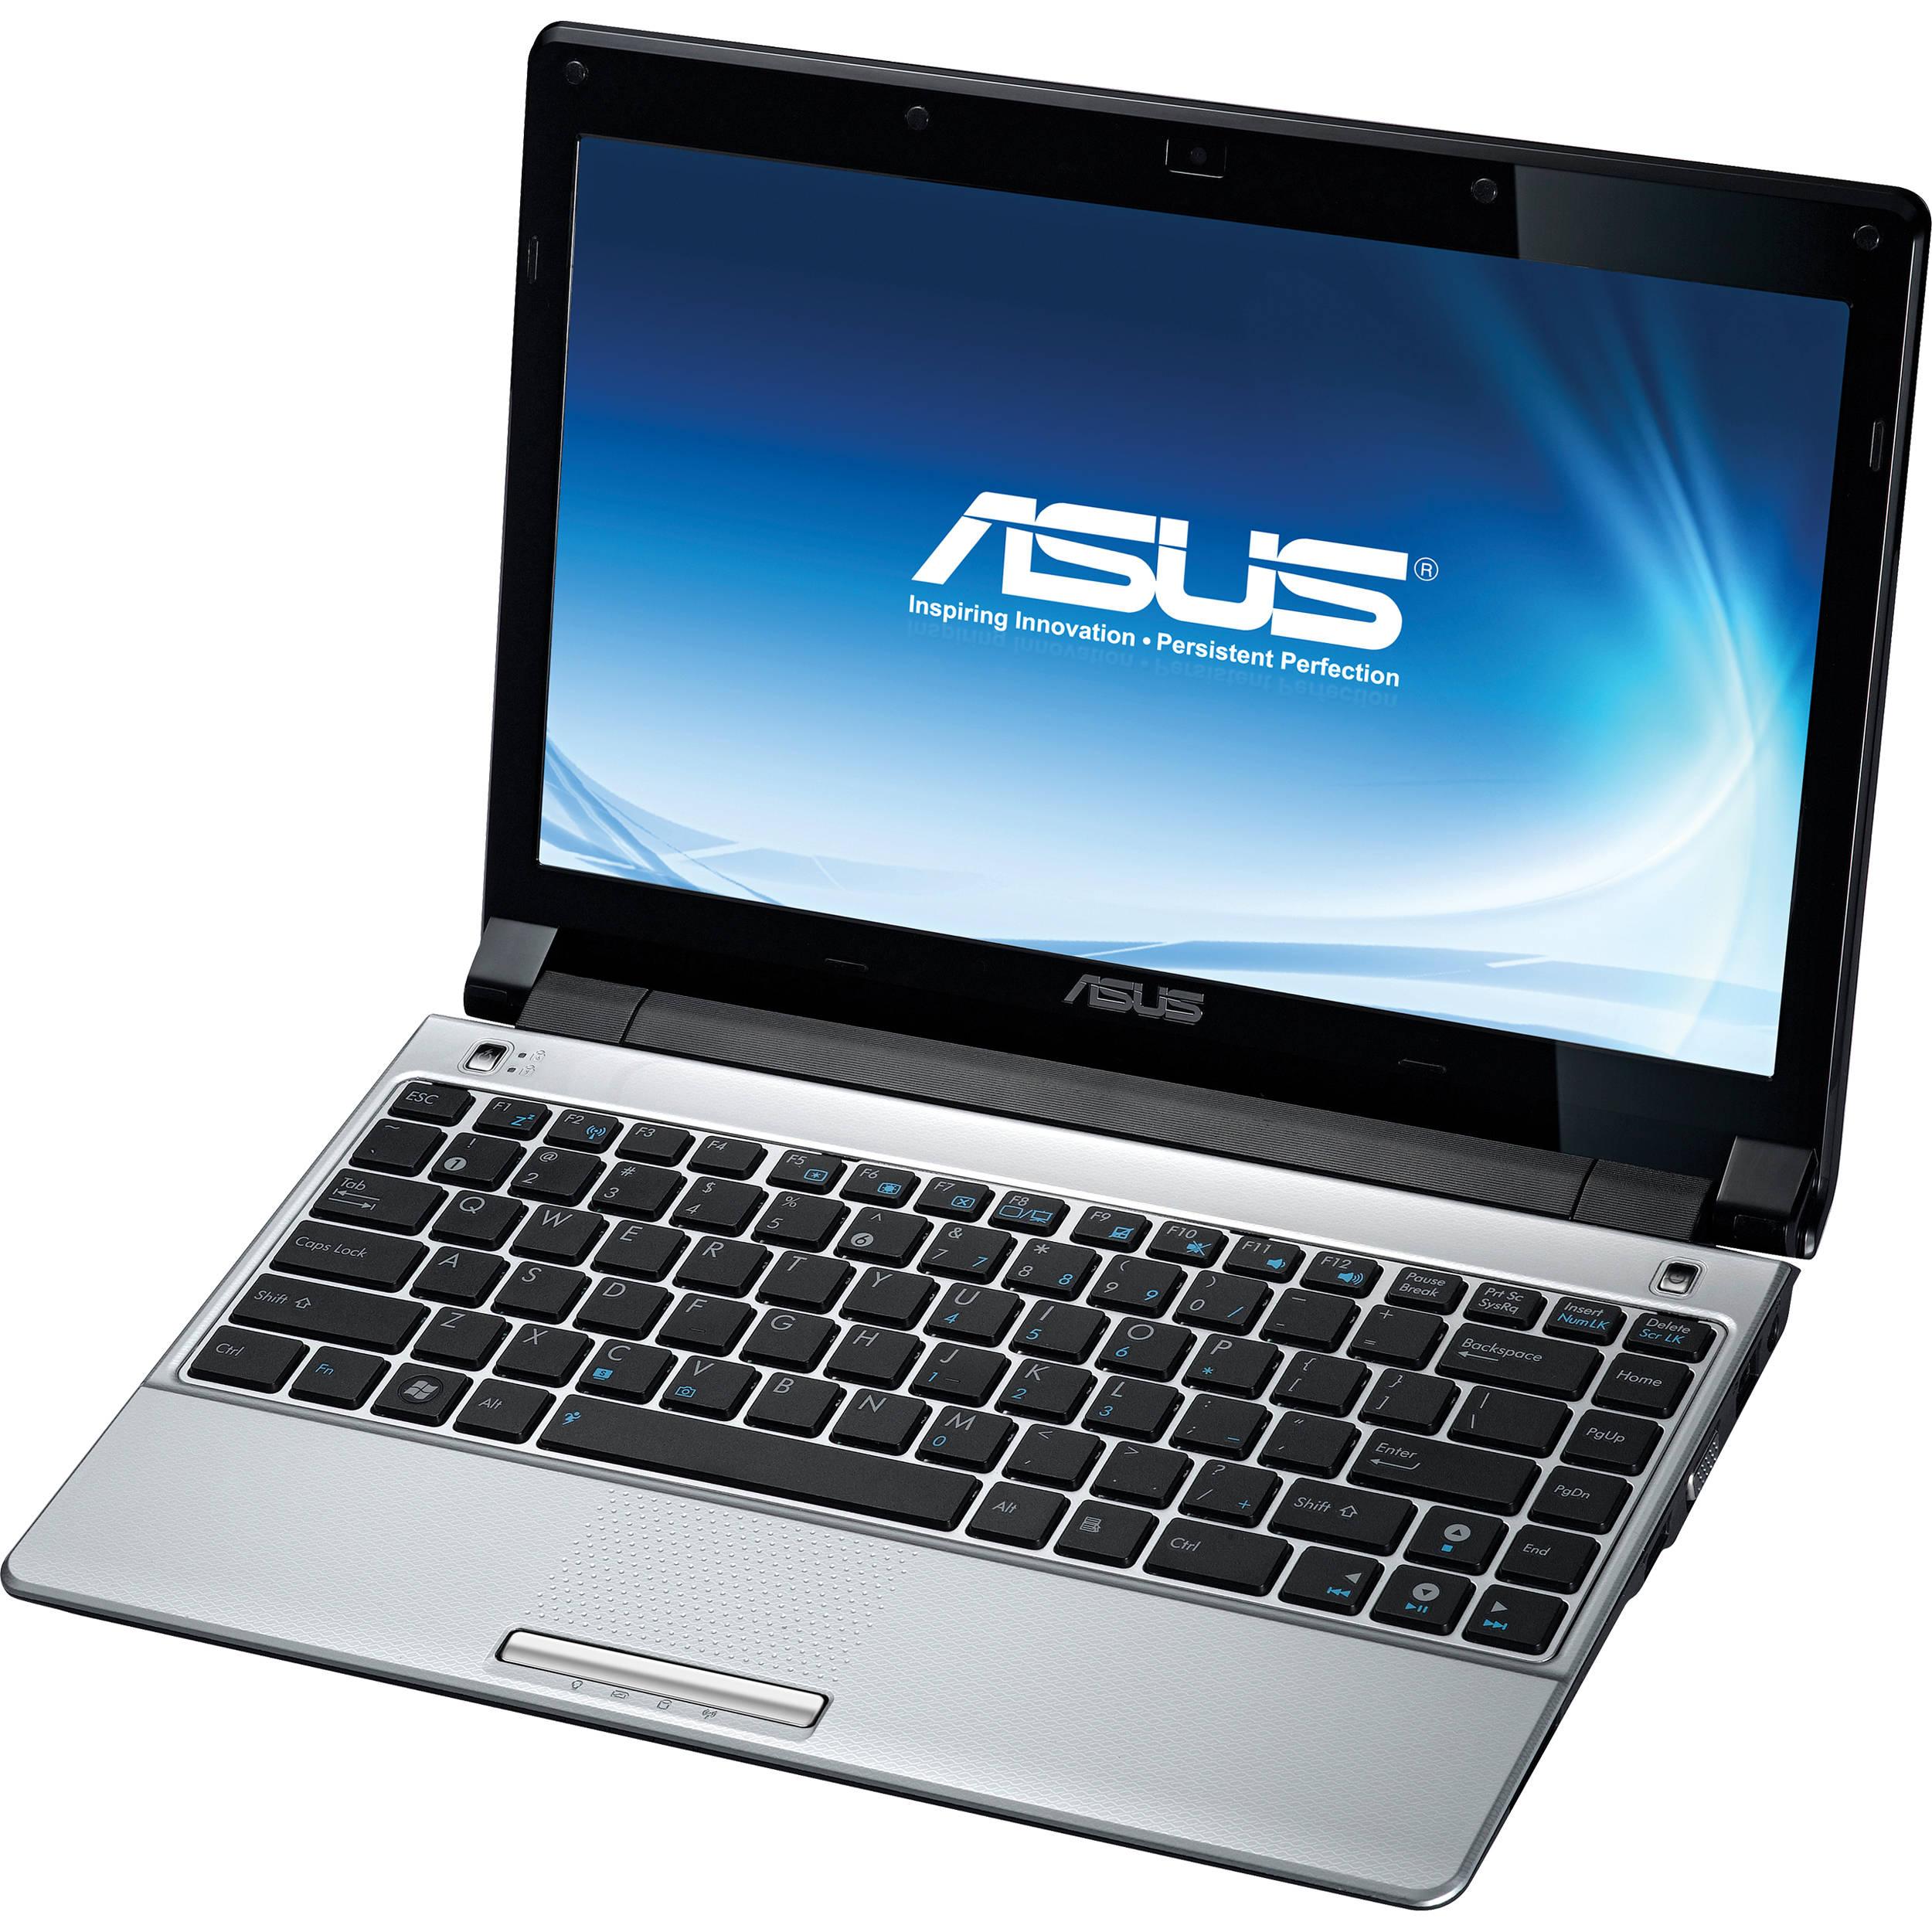 Asus UL20FT Notebook Keyboard Last